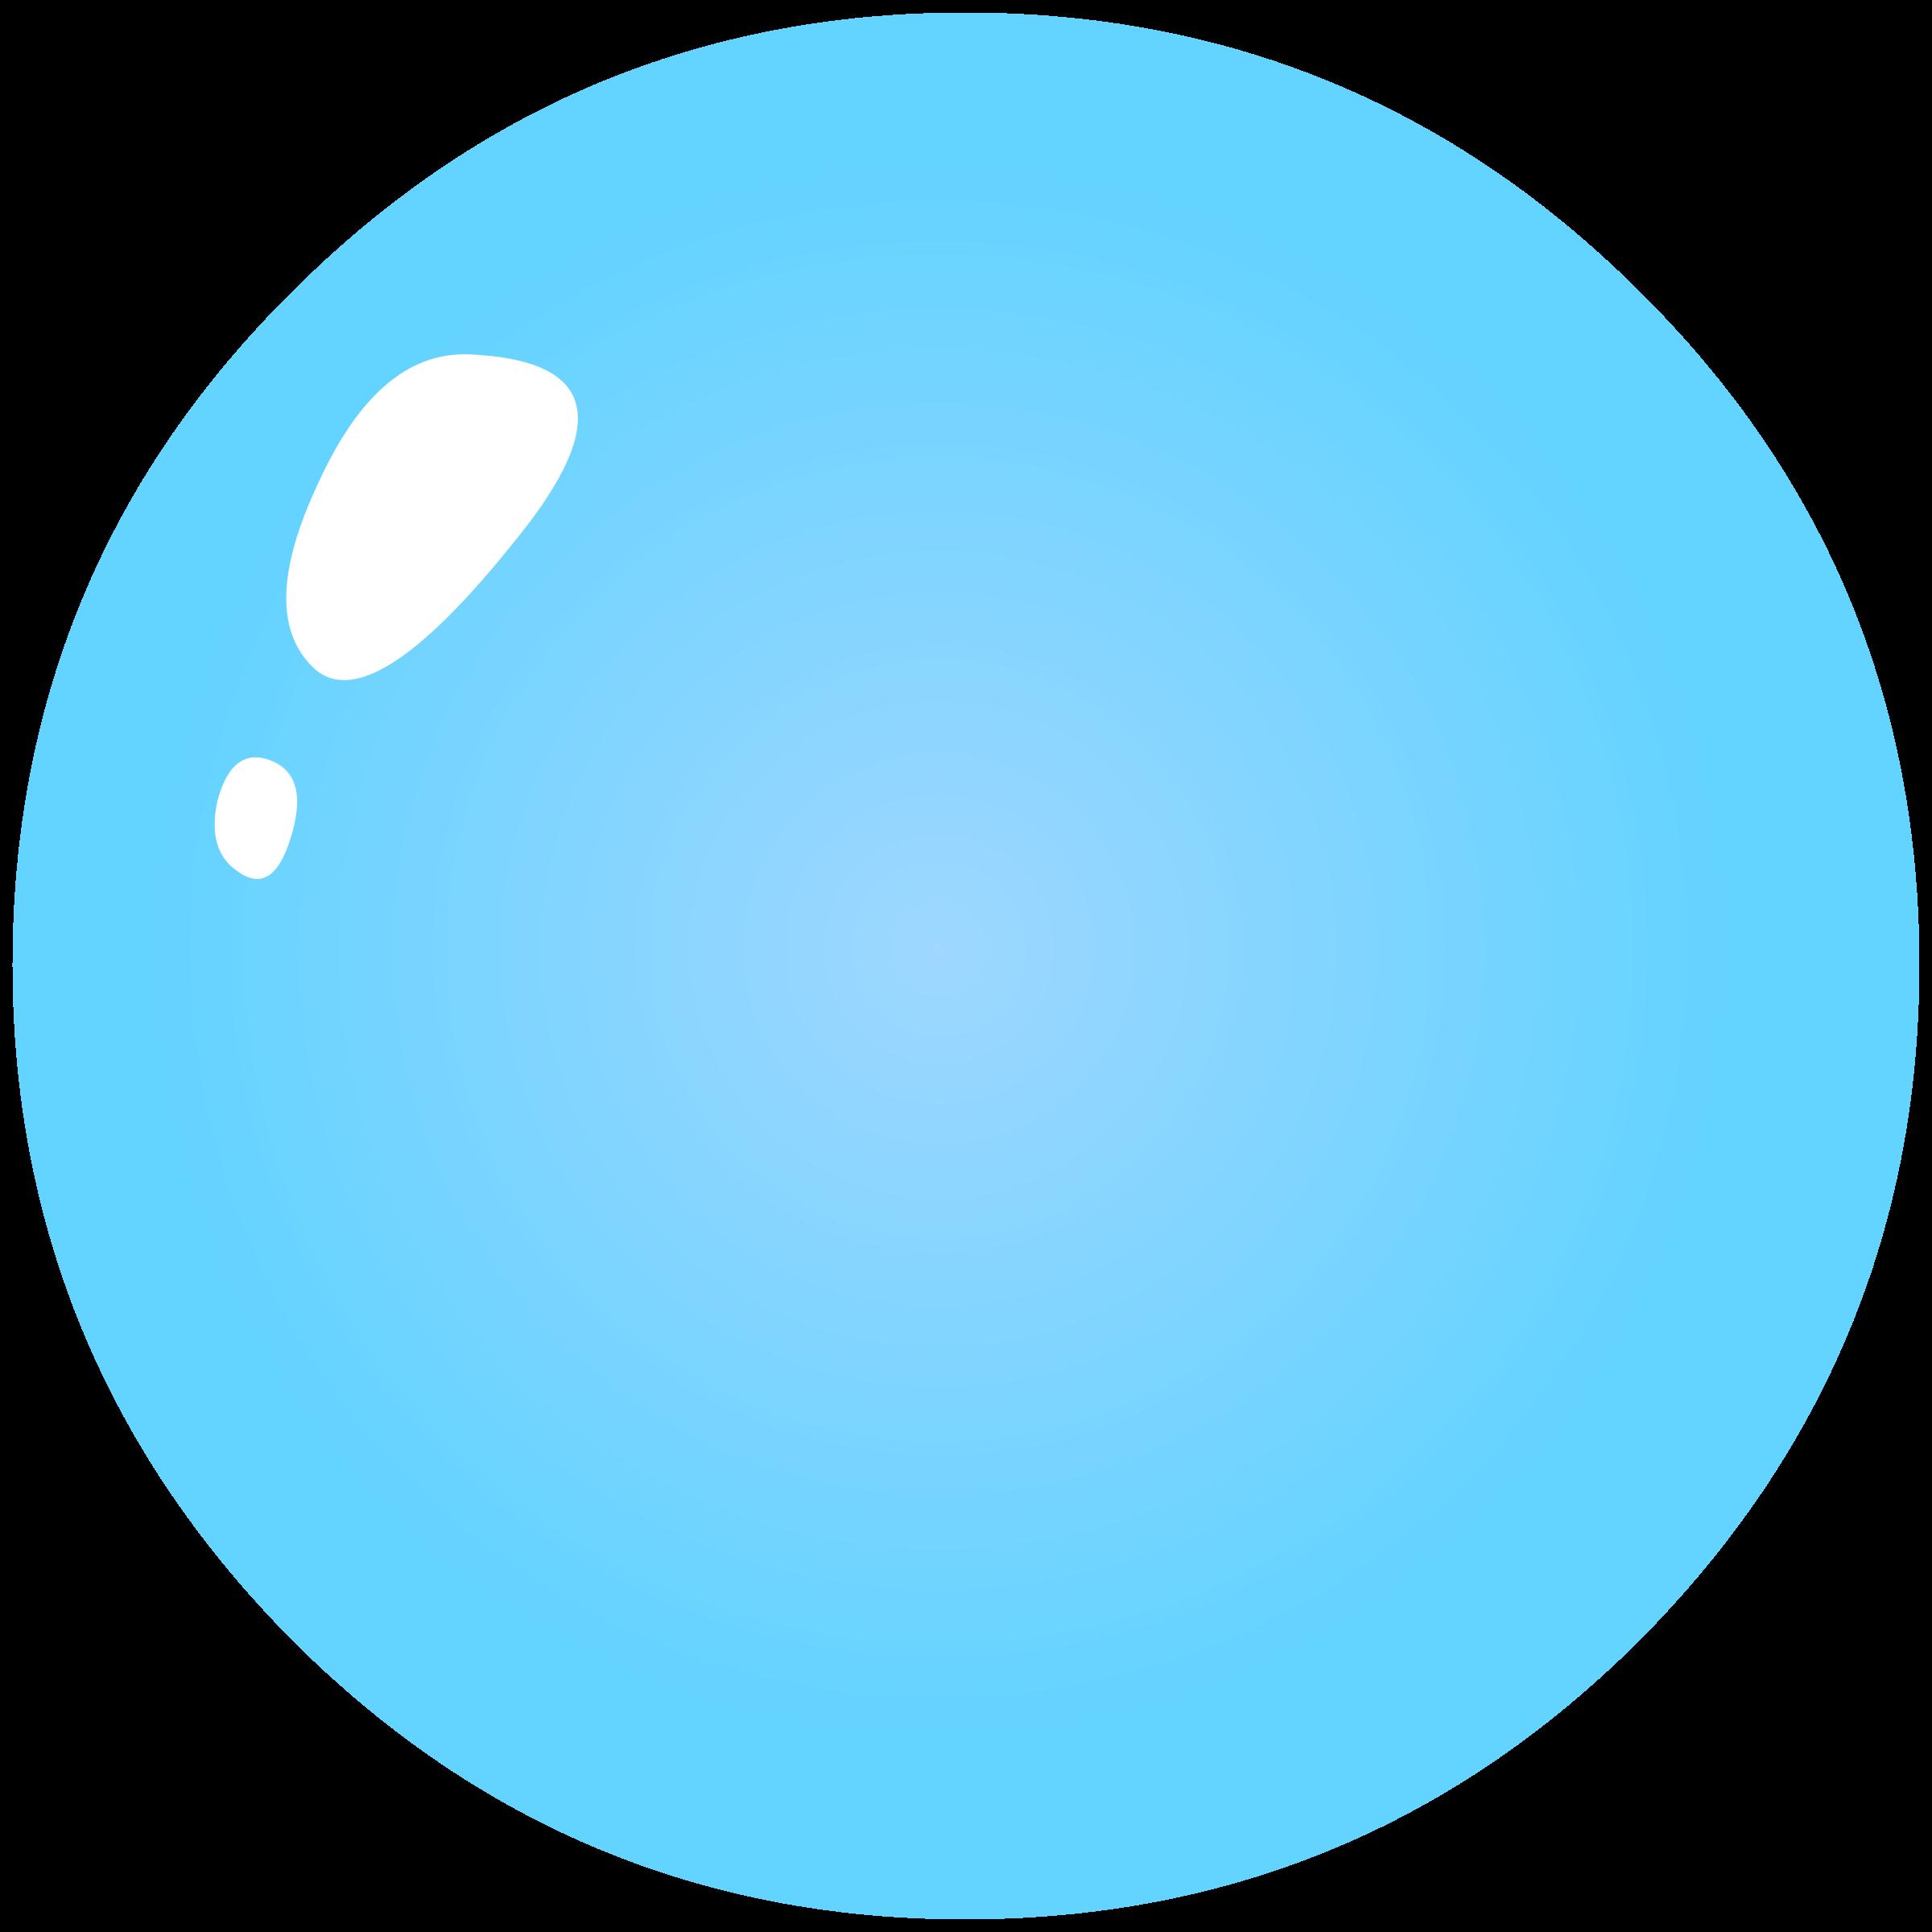 Glitch clipart blue #15